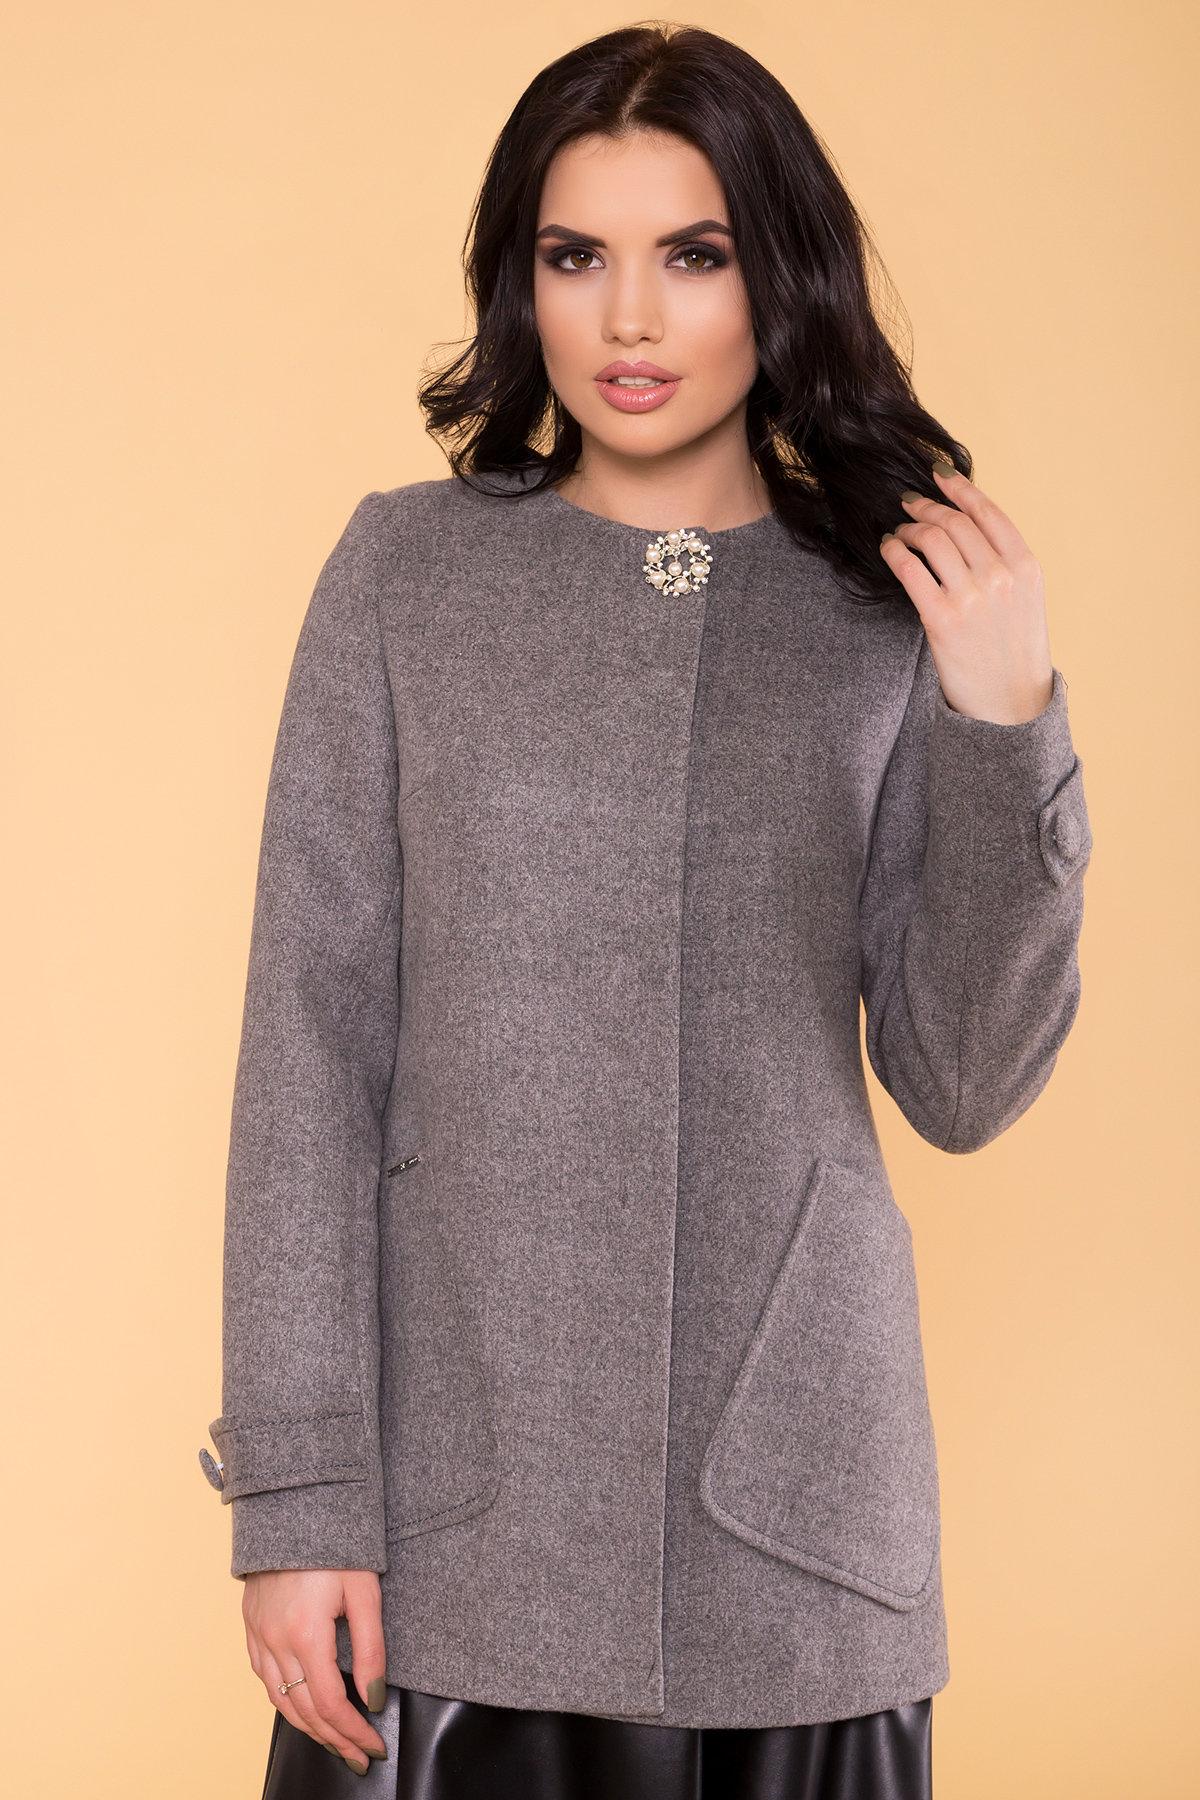 Пальто Латте 5636 АРТ. 37736 Цвет: Серый 18 - фото 4, интернет магазин tm-modus.ru